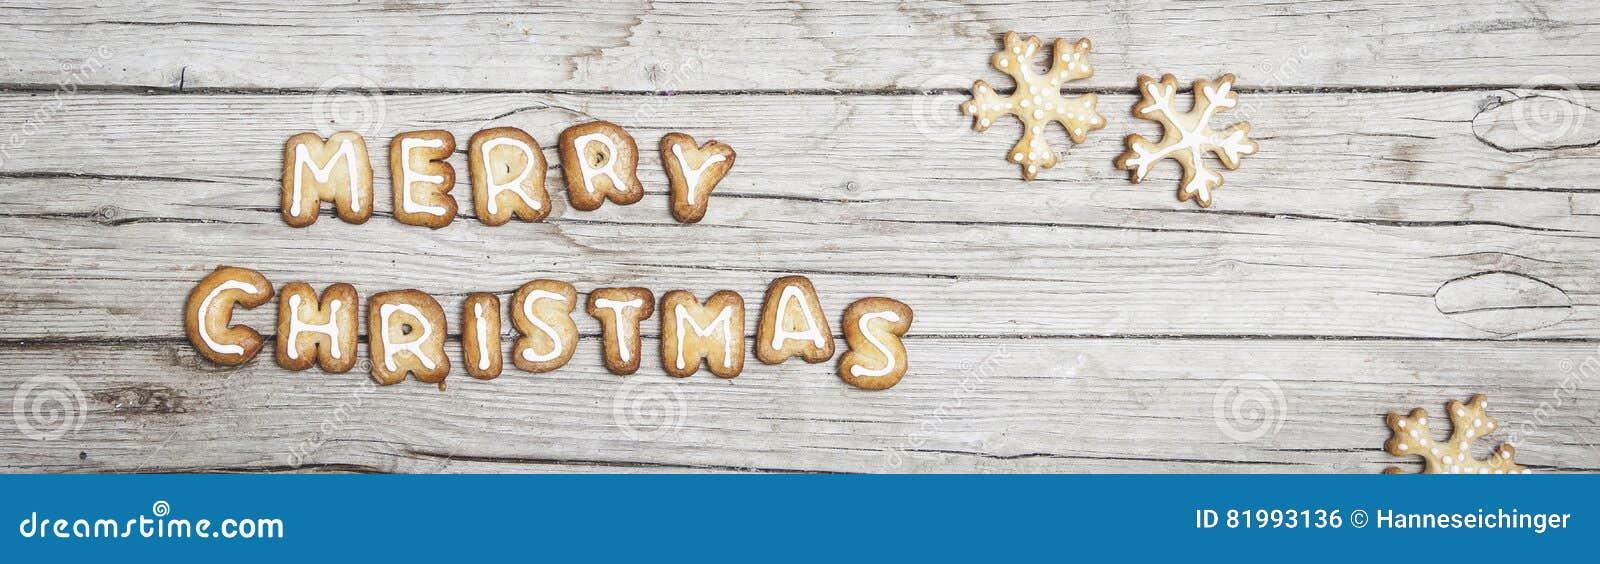 Fundo de madeira cinzento de Christmassy com pão-de-espécie e letra alegre do ` s de Christma